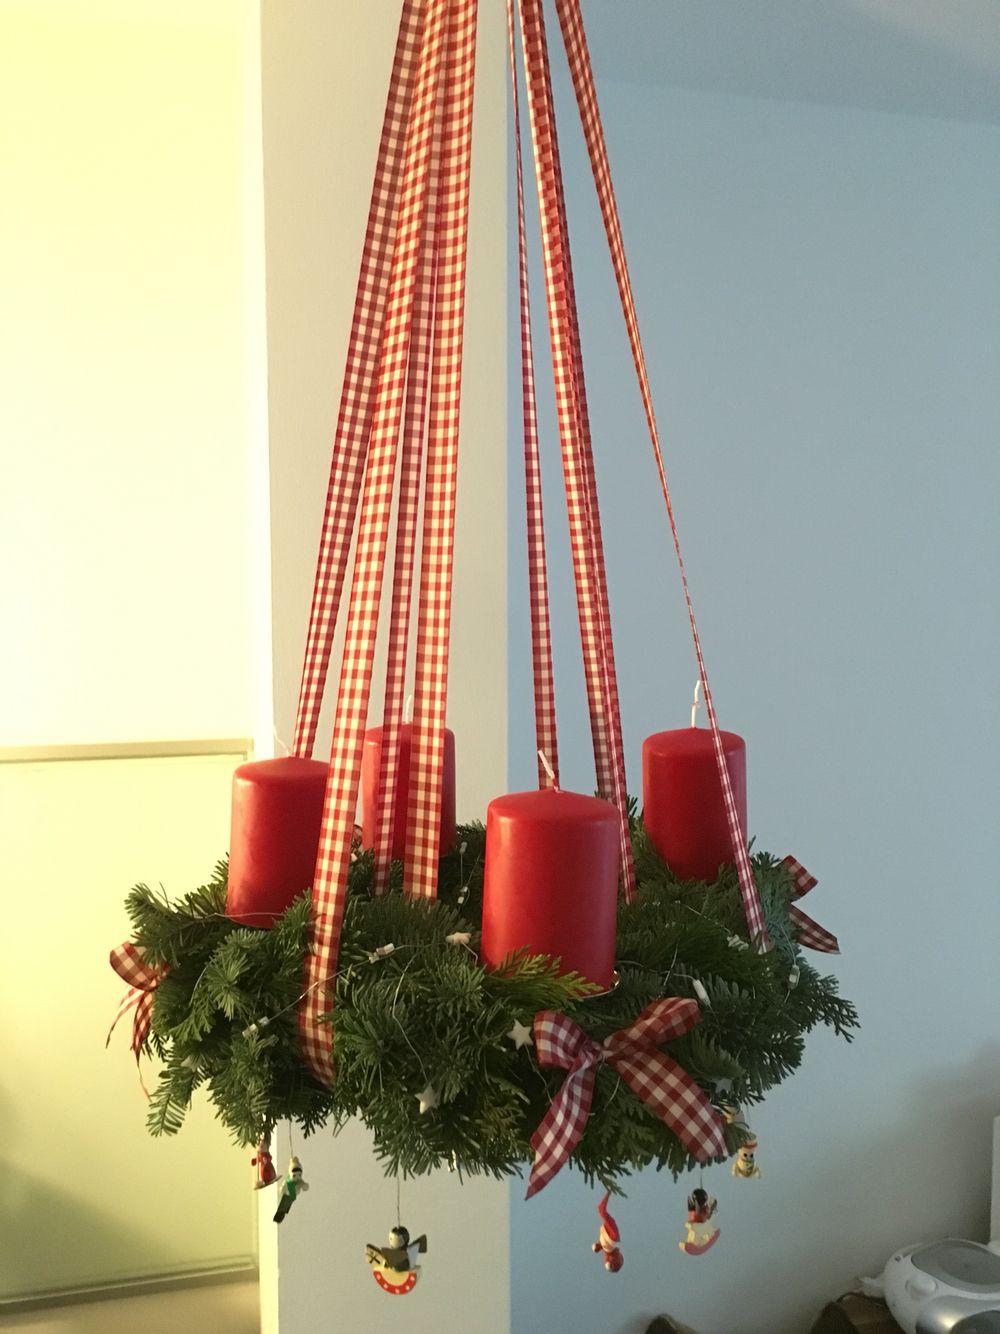 Adventskranz hangend dekorieren europ ische weihnachtstraditionen - Weihnachtsdeko hangend ...